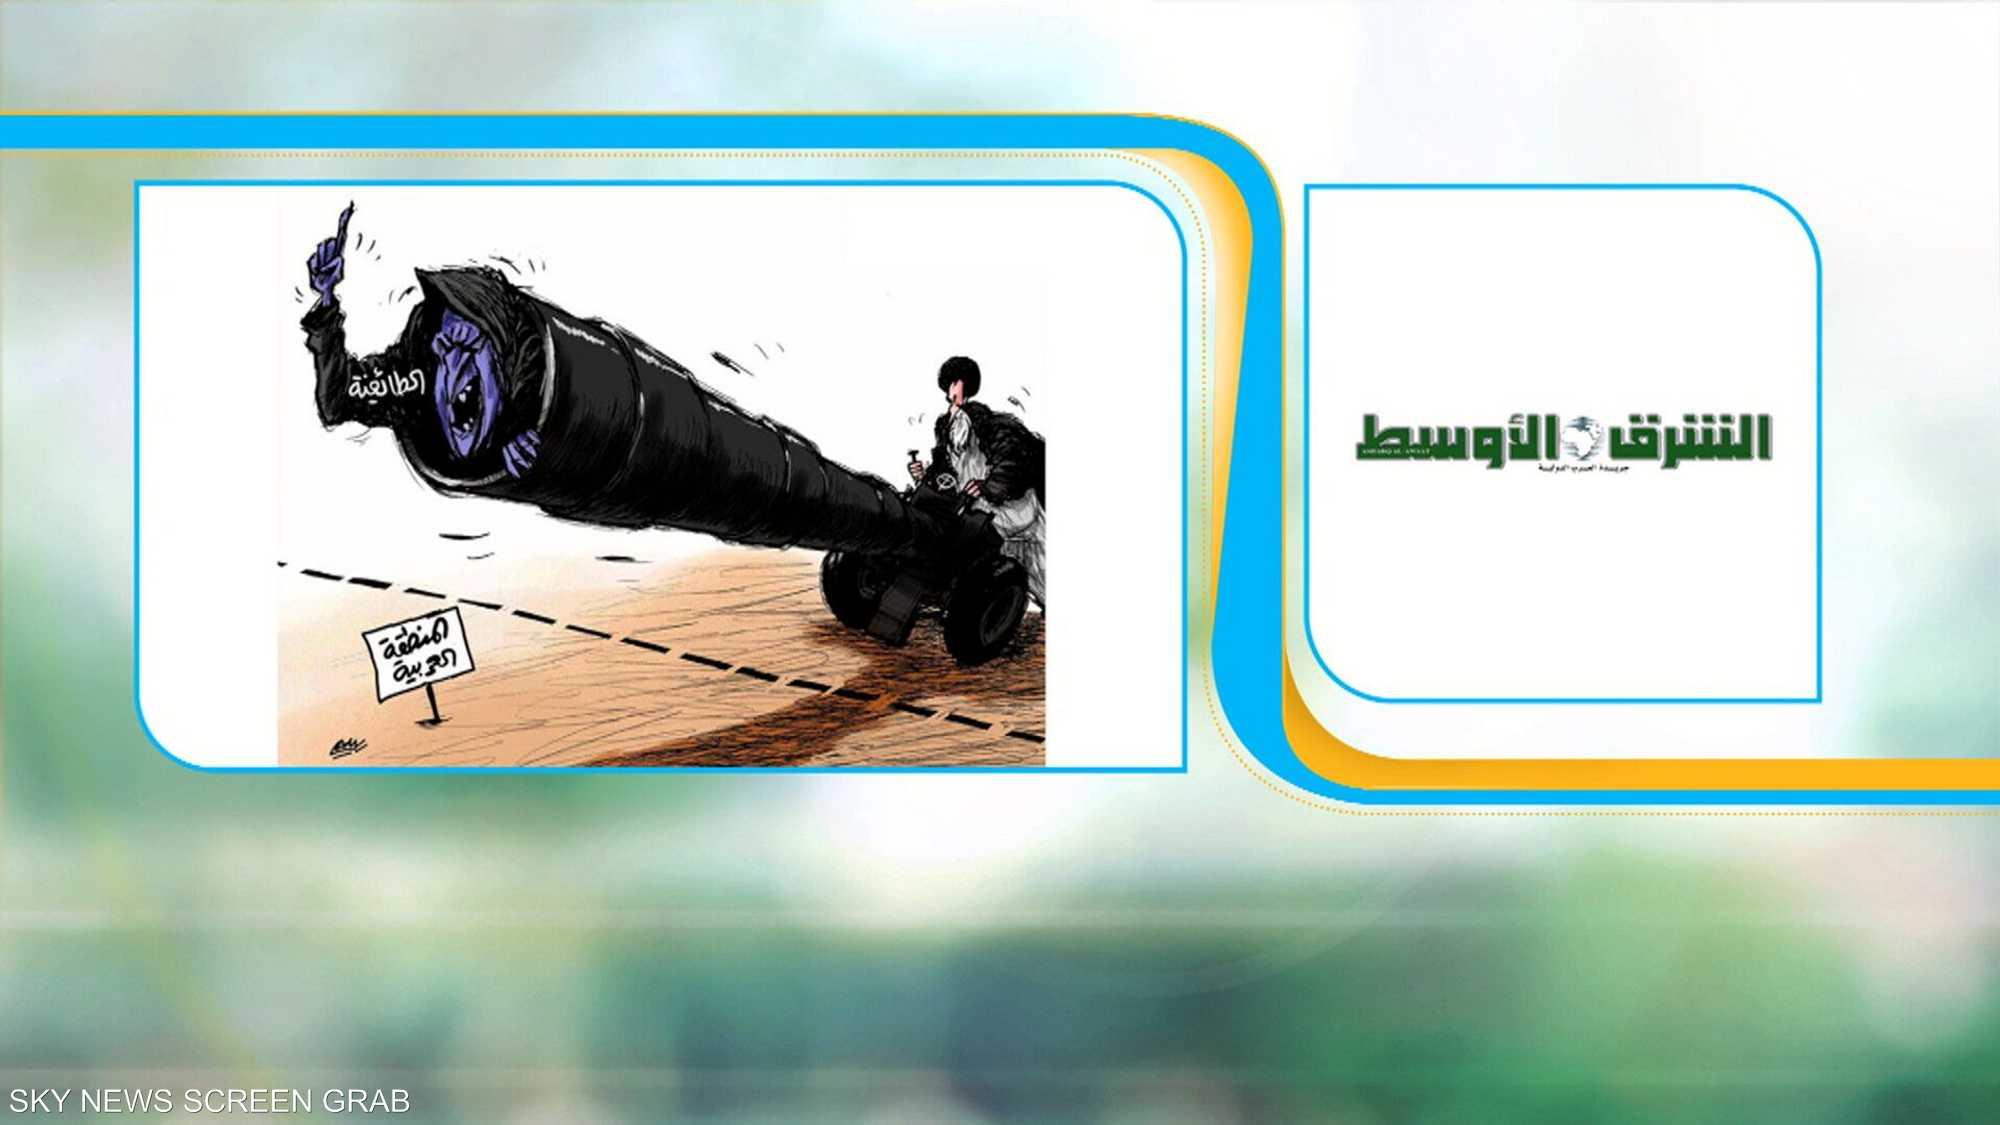 كاريكاتير اليوم من صحيفة الشرق الأوسط